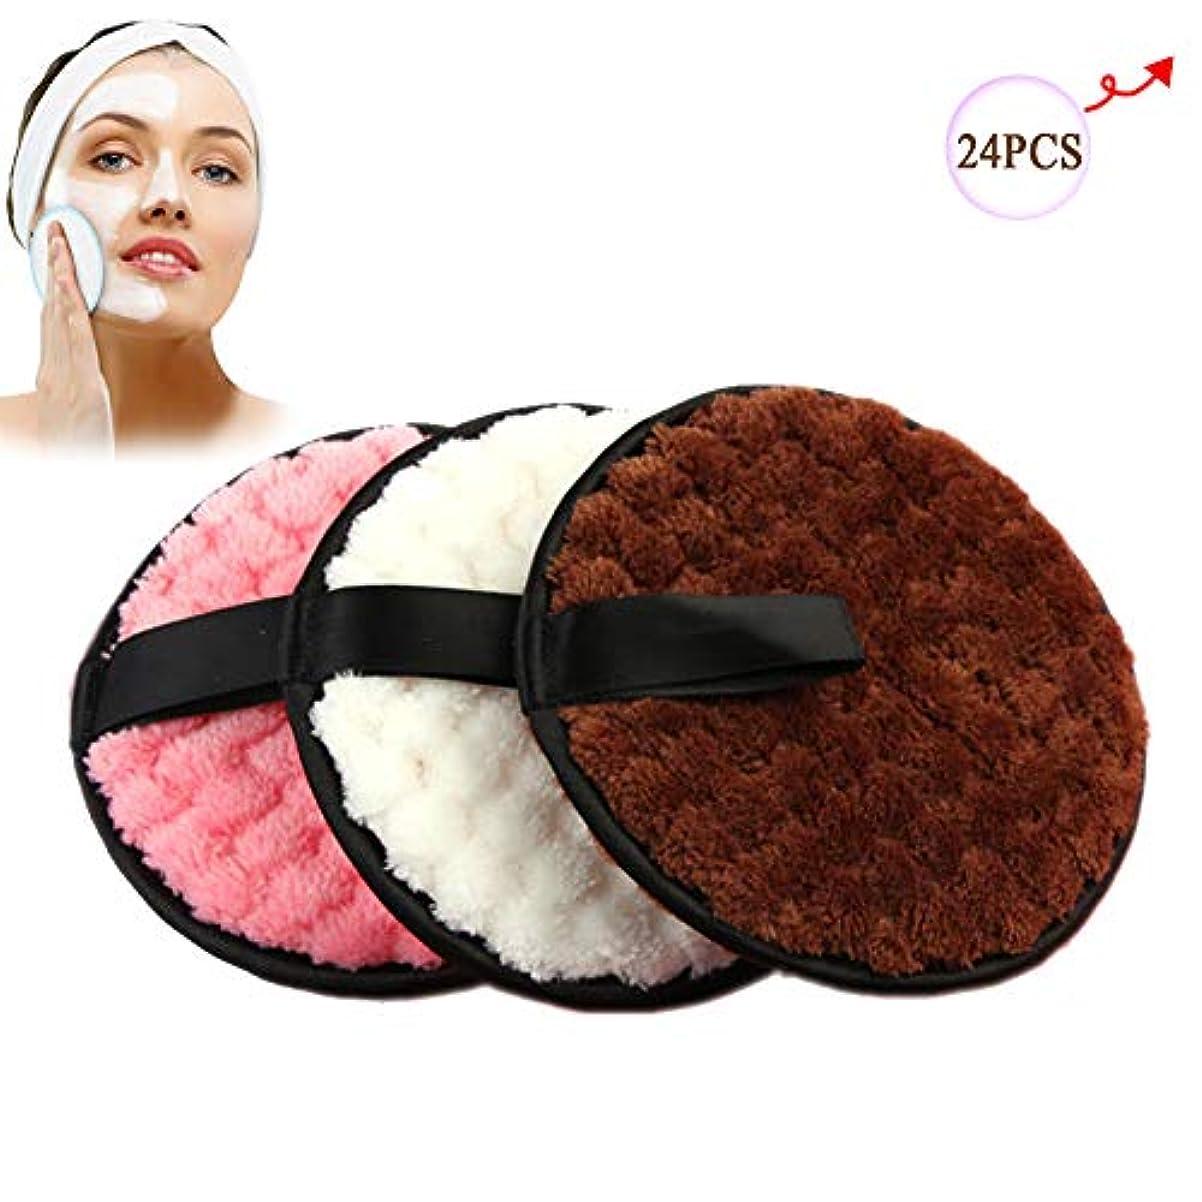 堀悪因子構想するリムーバーパッド、再利用可能なクレンジングコットンファイバー吸収性綿パッド女性のための顔/目/唇,24PCS